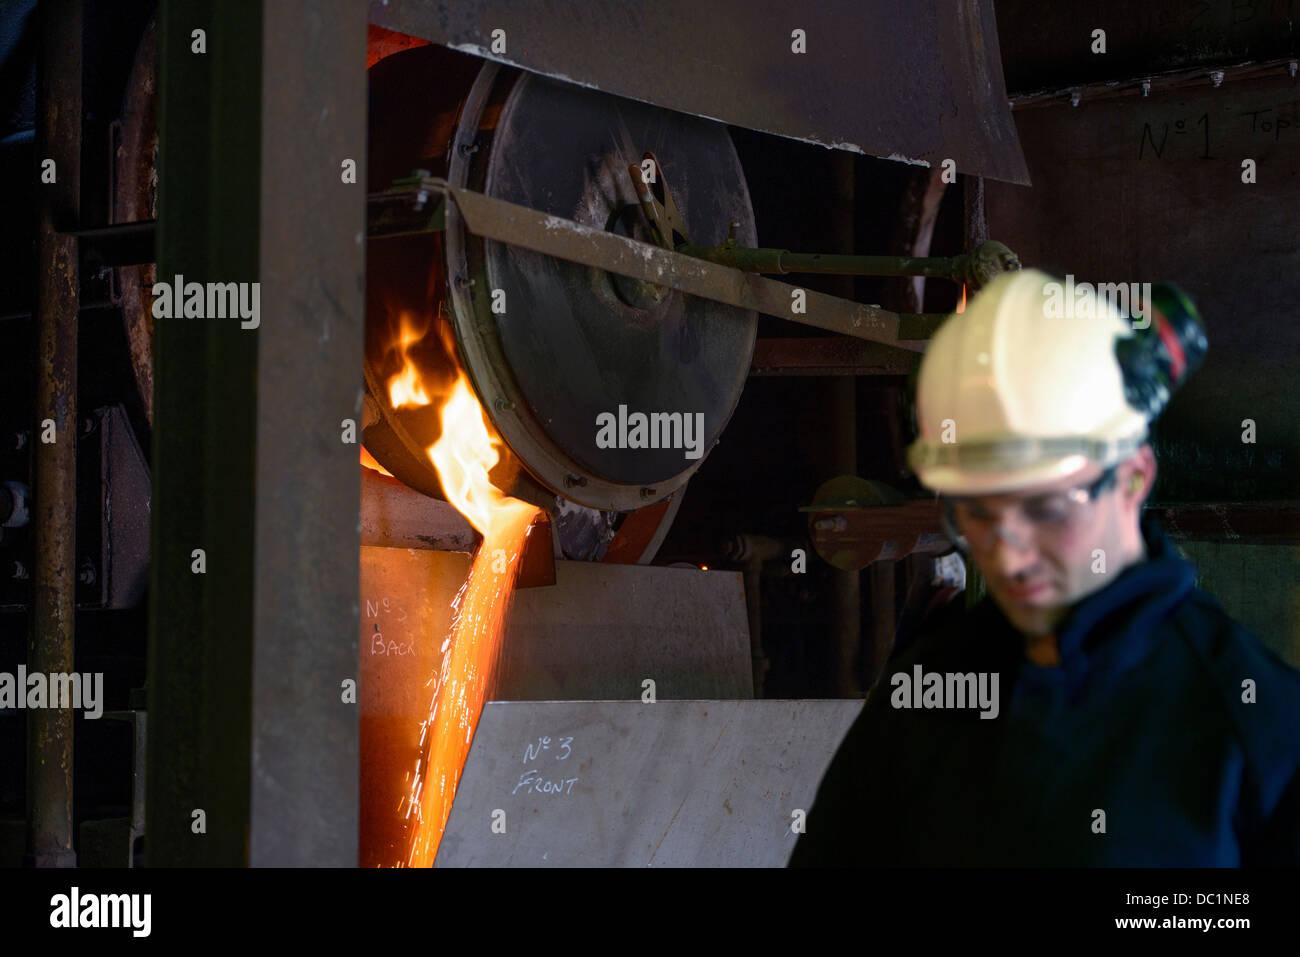 Trabajador de acero en la parte delantera de metal fundido en la fundición de acero Imagen De Stock